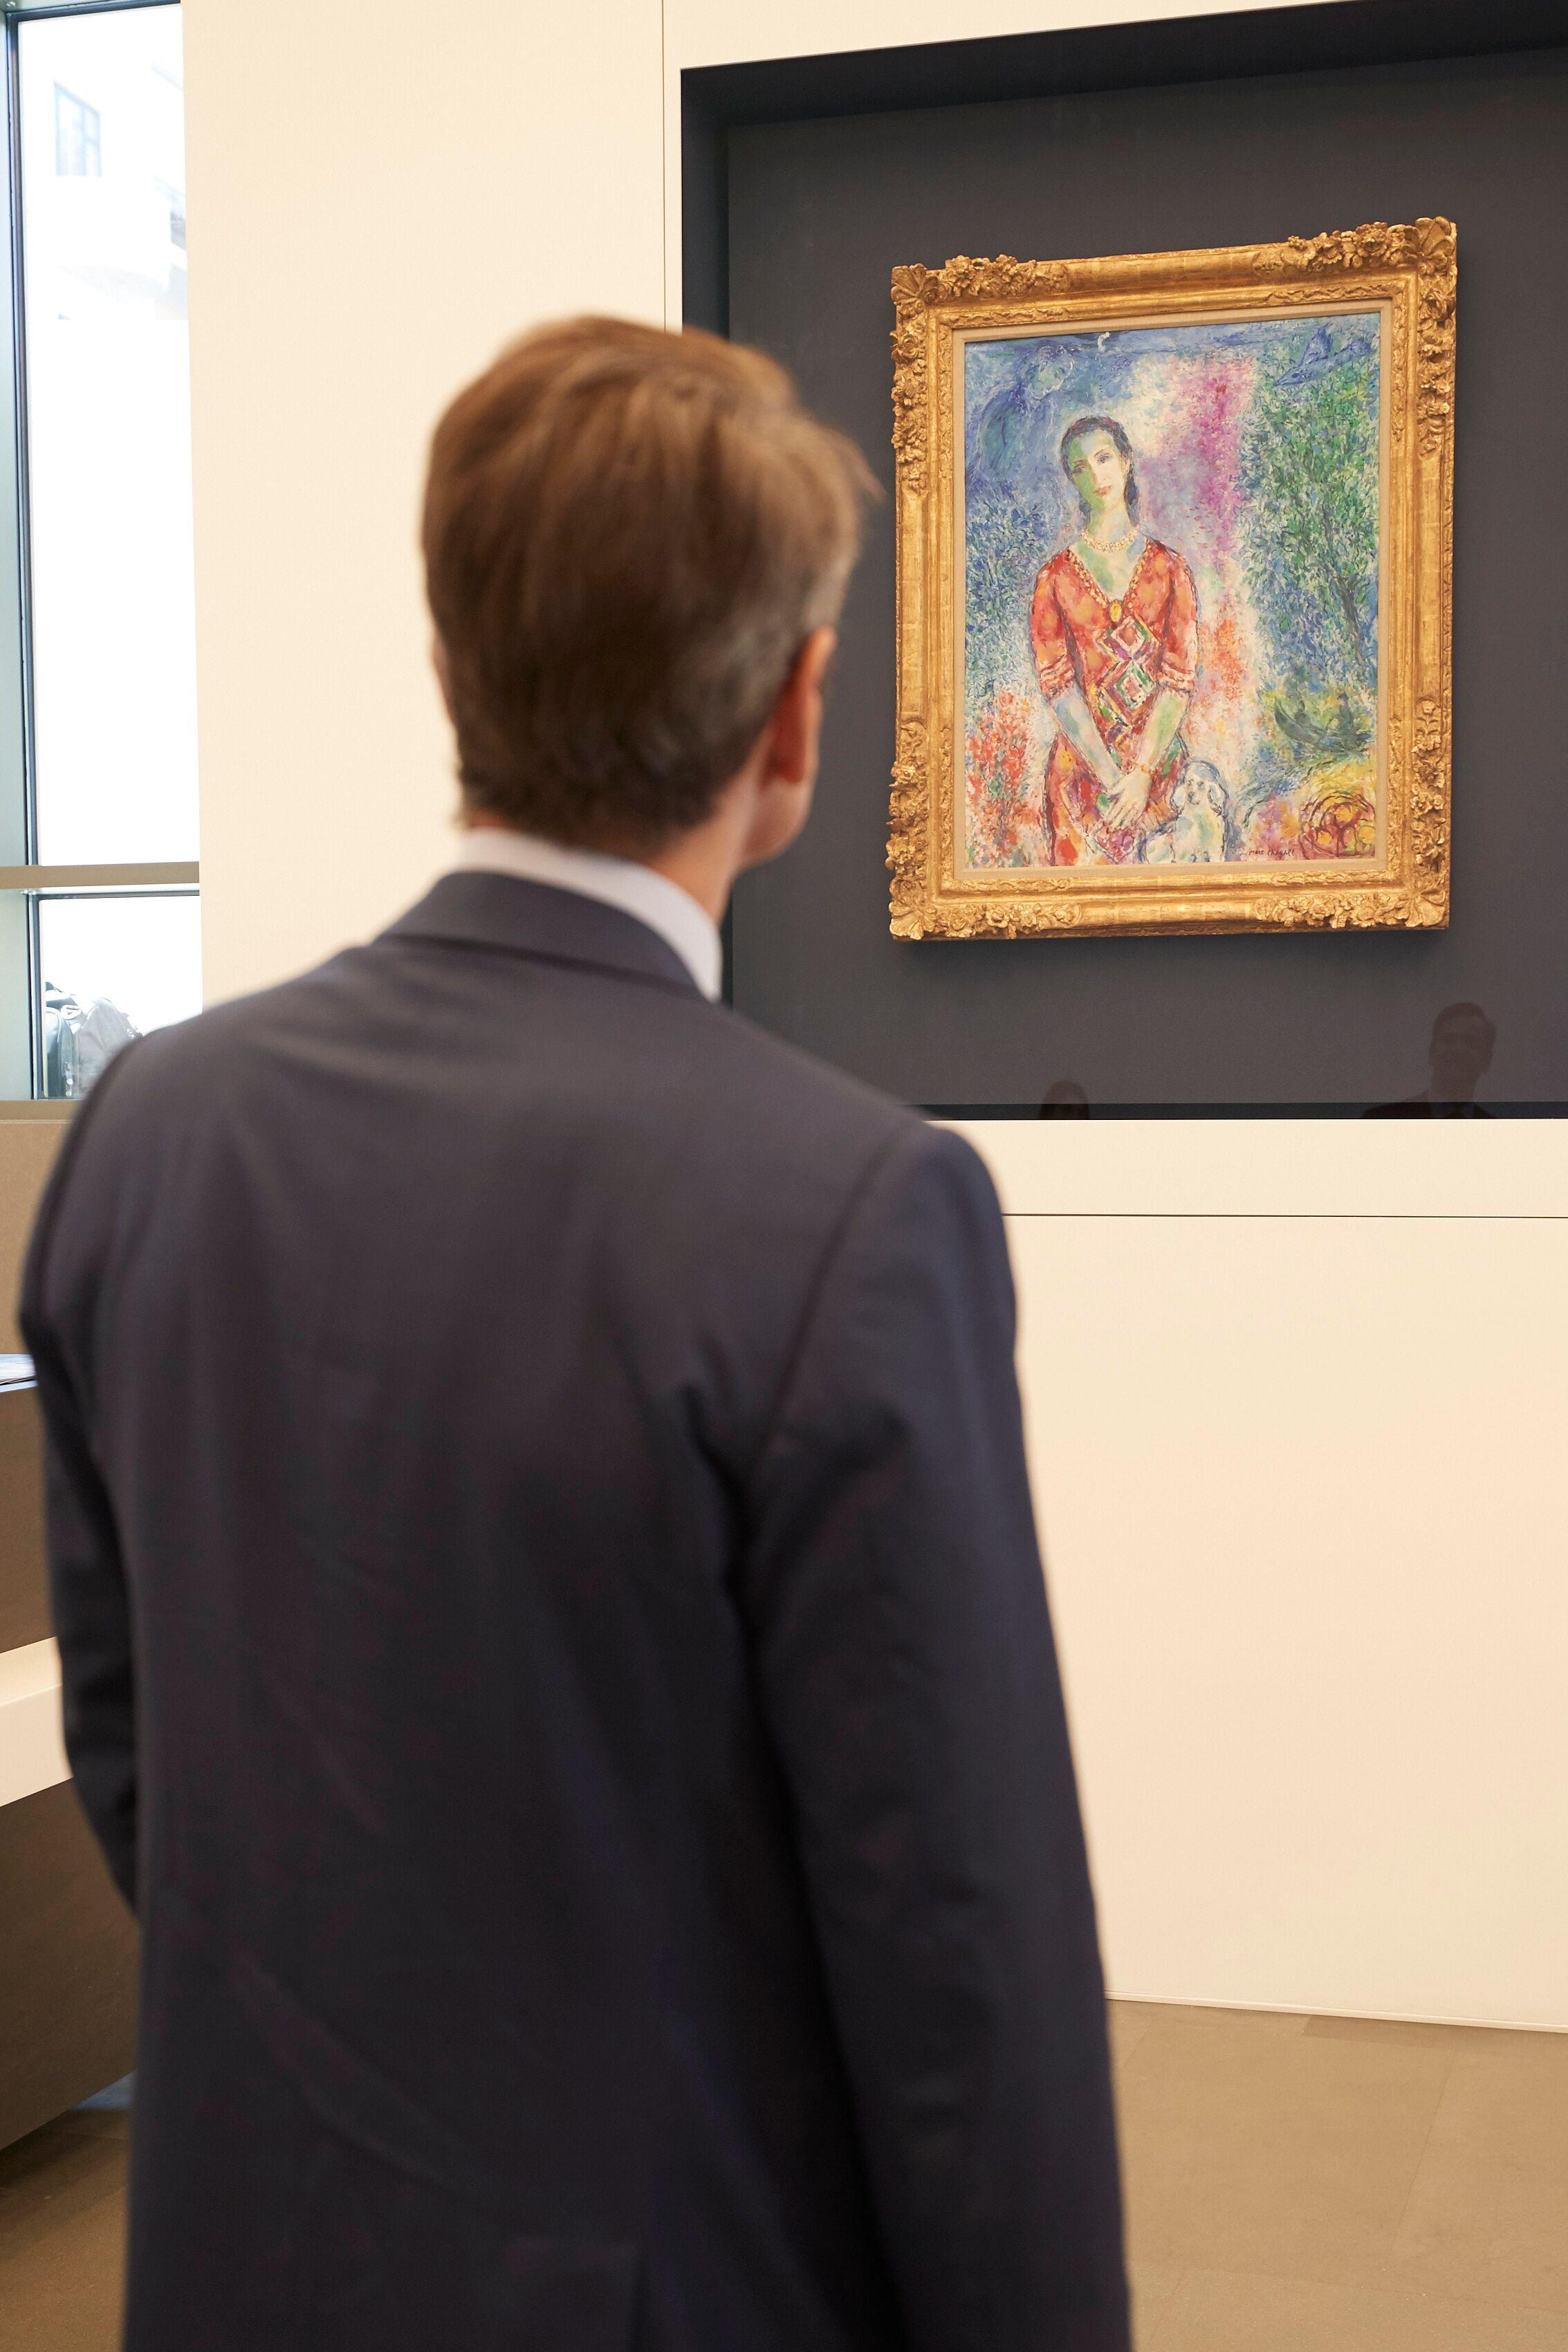 Μητσοτακης κοιτάει πίνακα